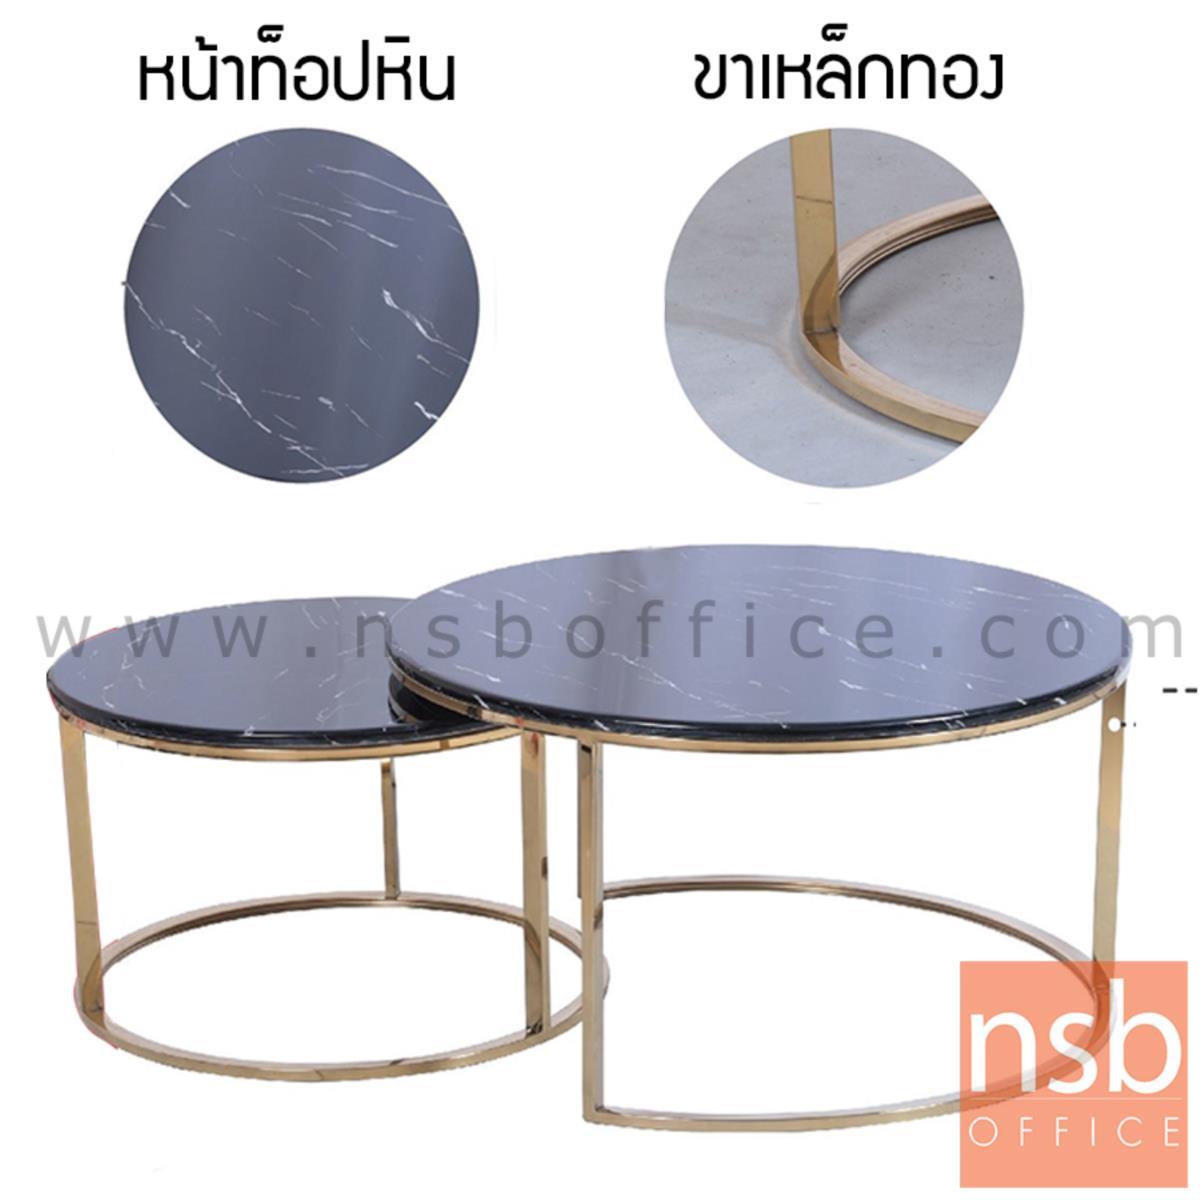 โต๊ะกลางกลมหน้าหิน รุ่น Cottbus (ค็อทบุส)  ขาเหล็กทอง